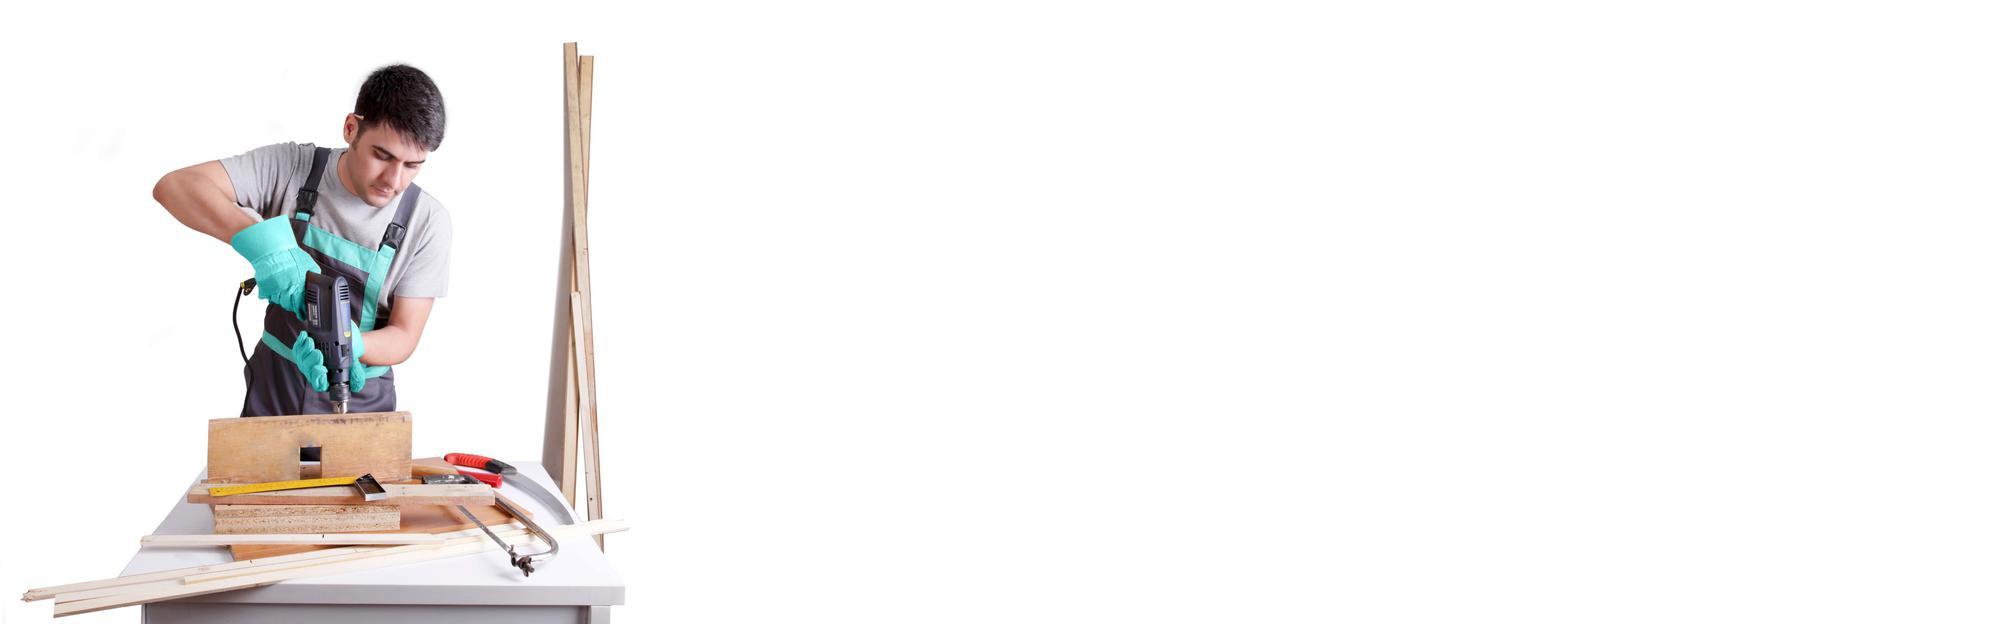 نجاری تهران و شهرستان ها - سفارش نجاری آنلاین با آچاره در سلمانشهر (متل قو)